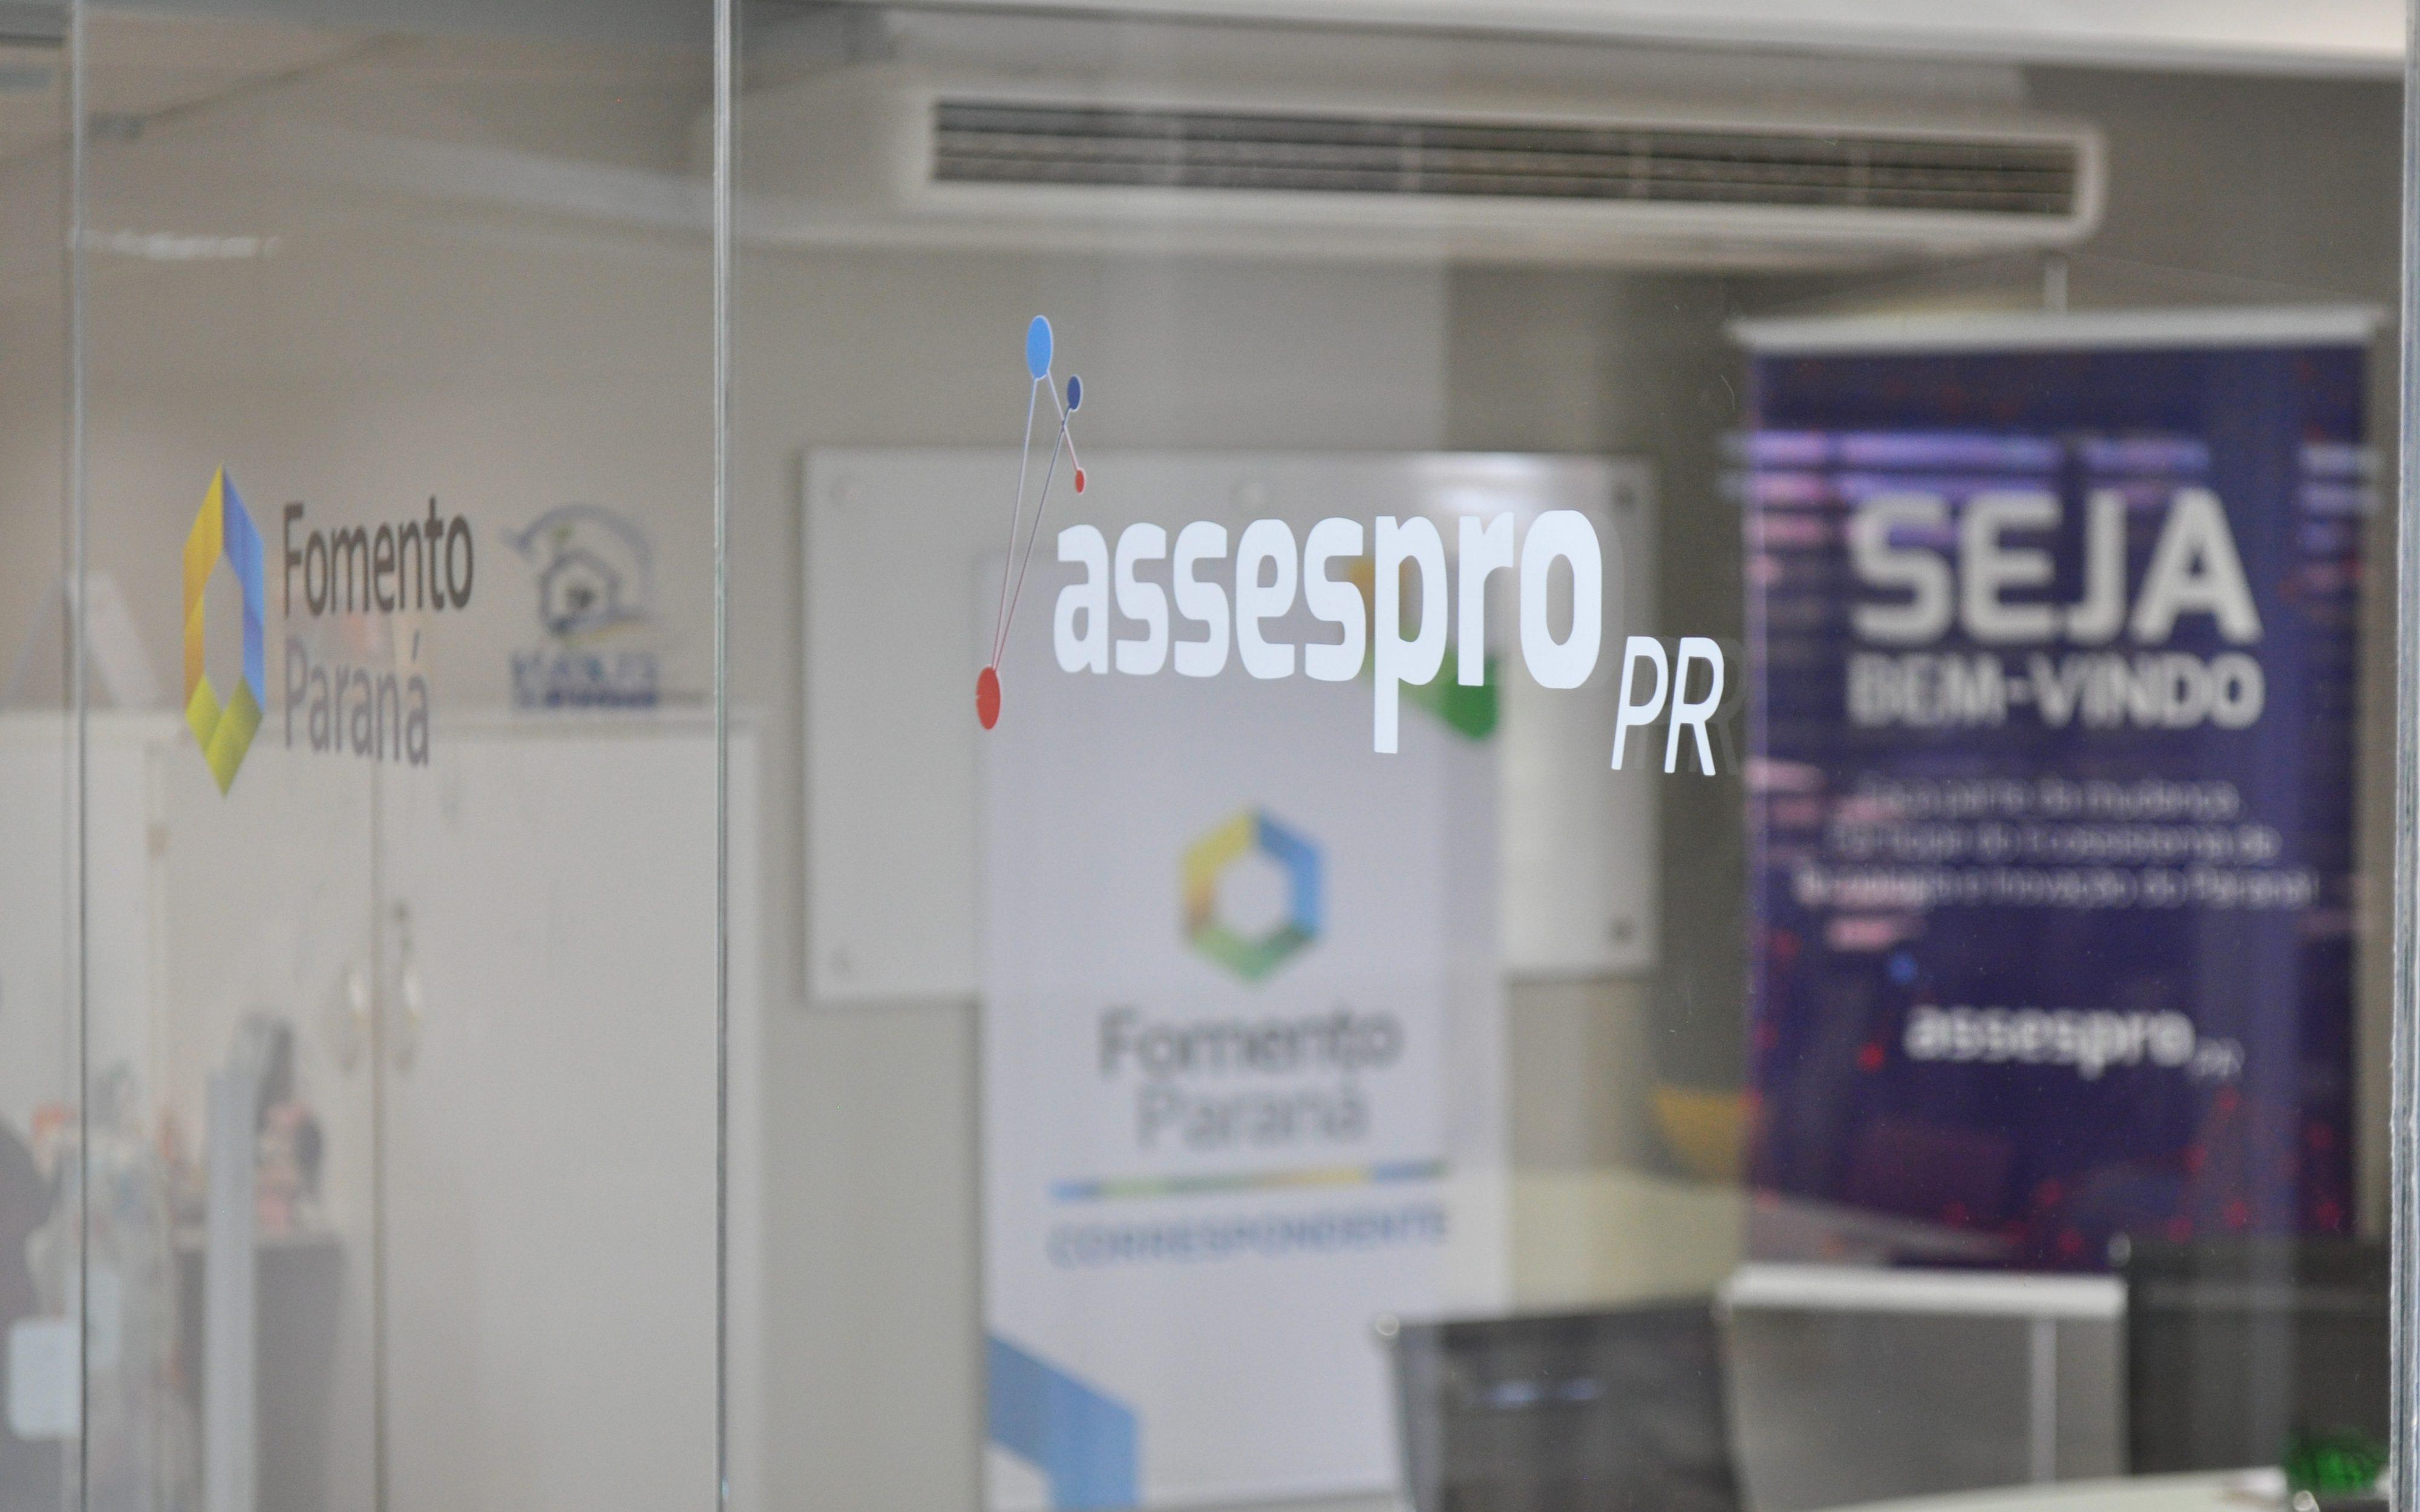 Assespro-PR